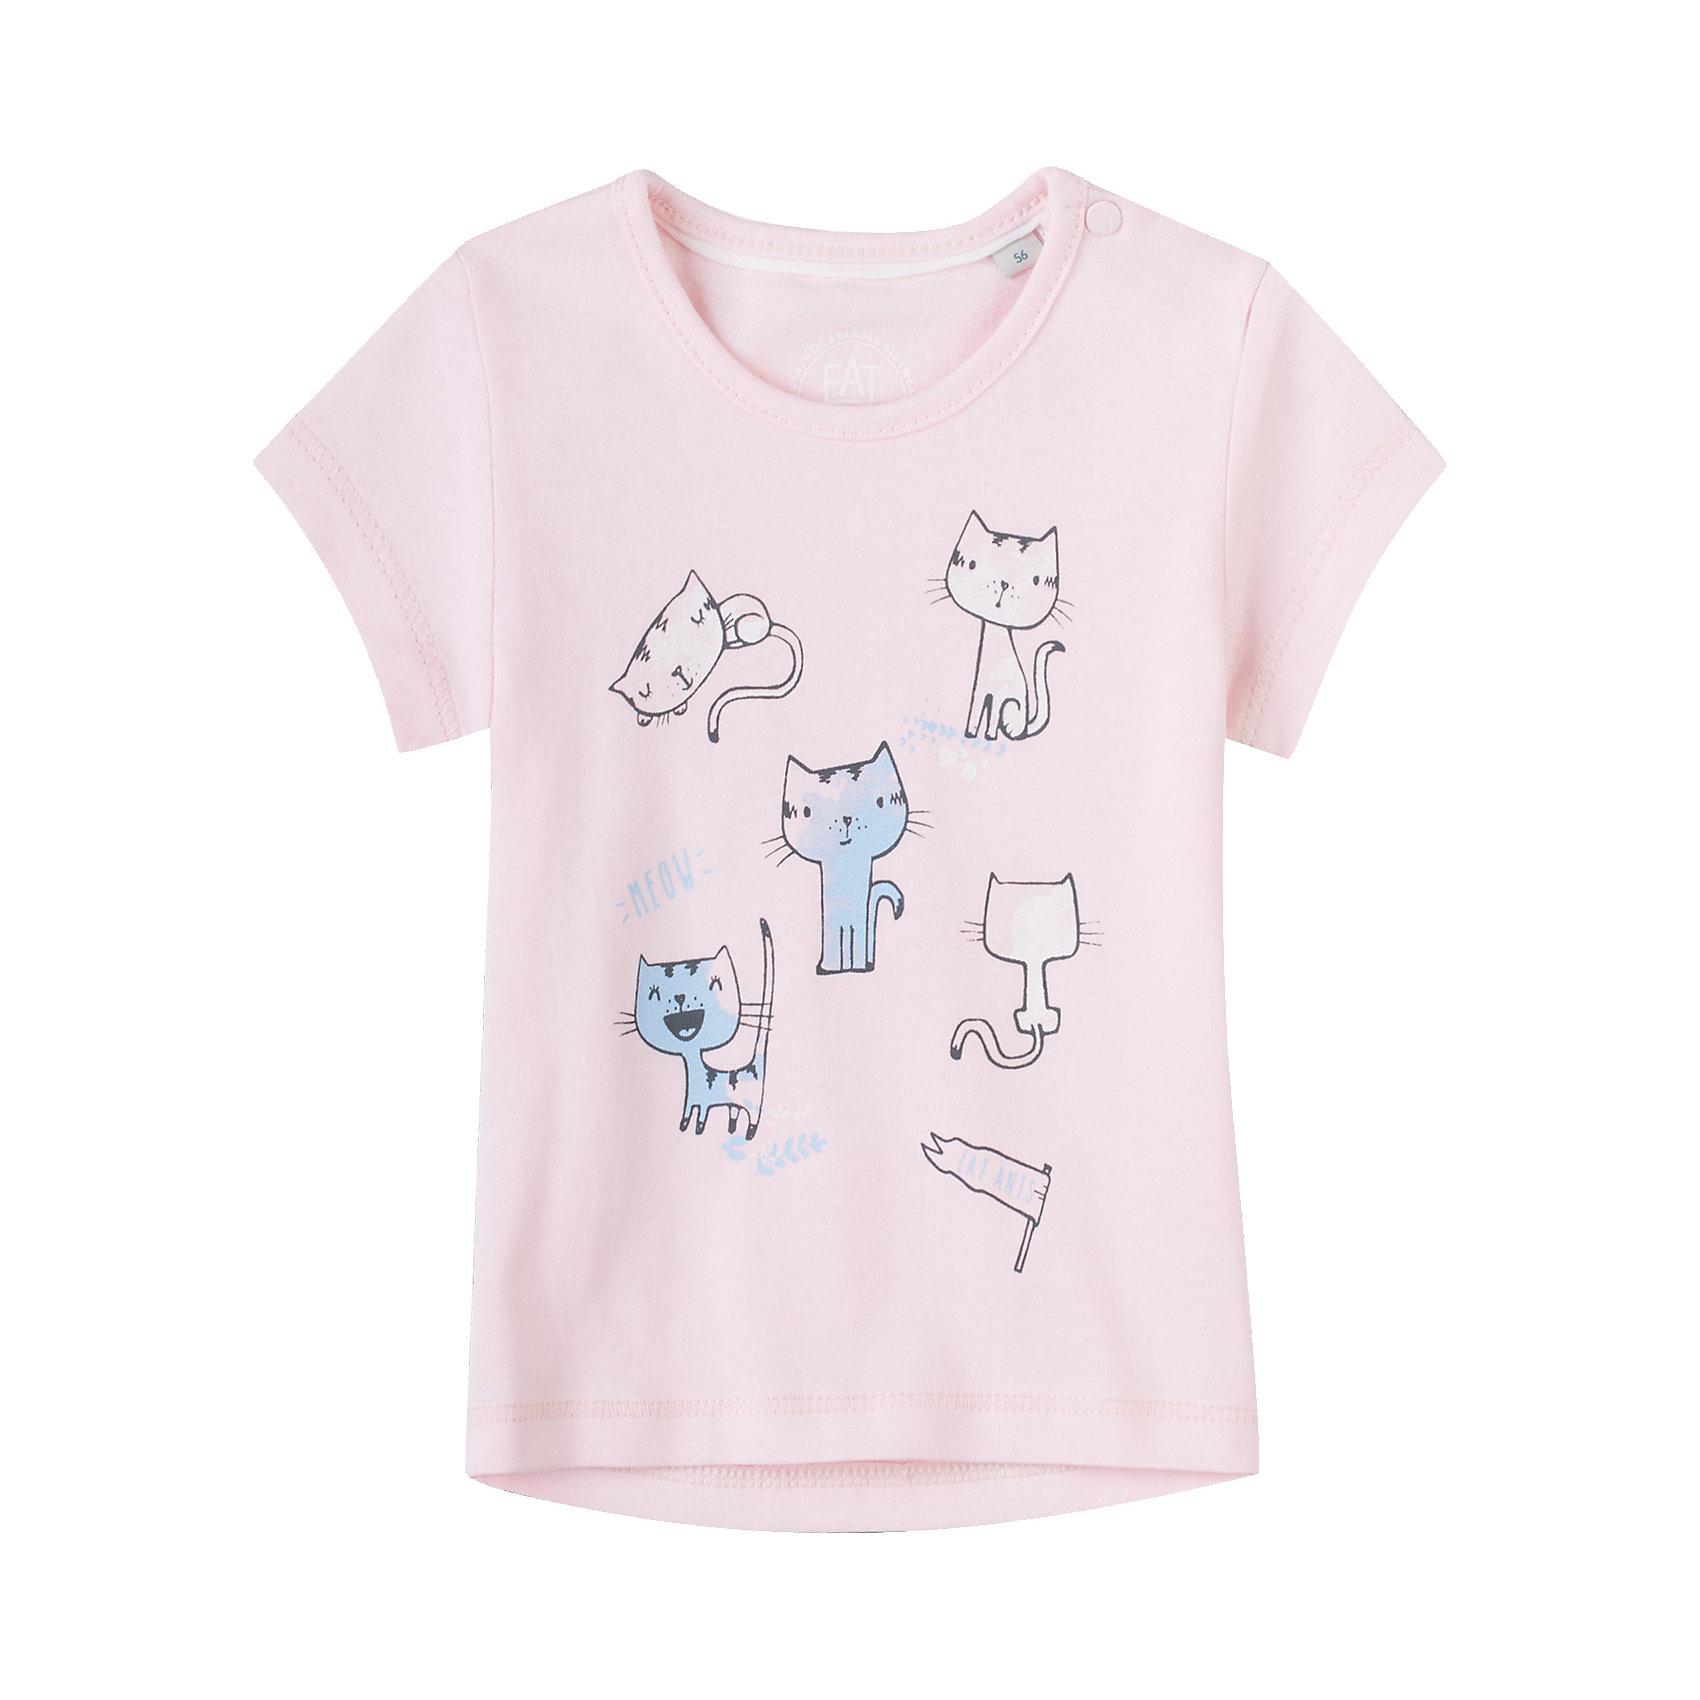 Neu Eat Ants BY SANETTA Baby T-Shirt für Mädchen 7451371 für Mädchen